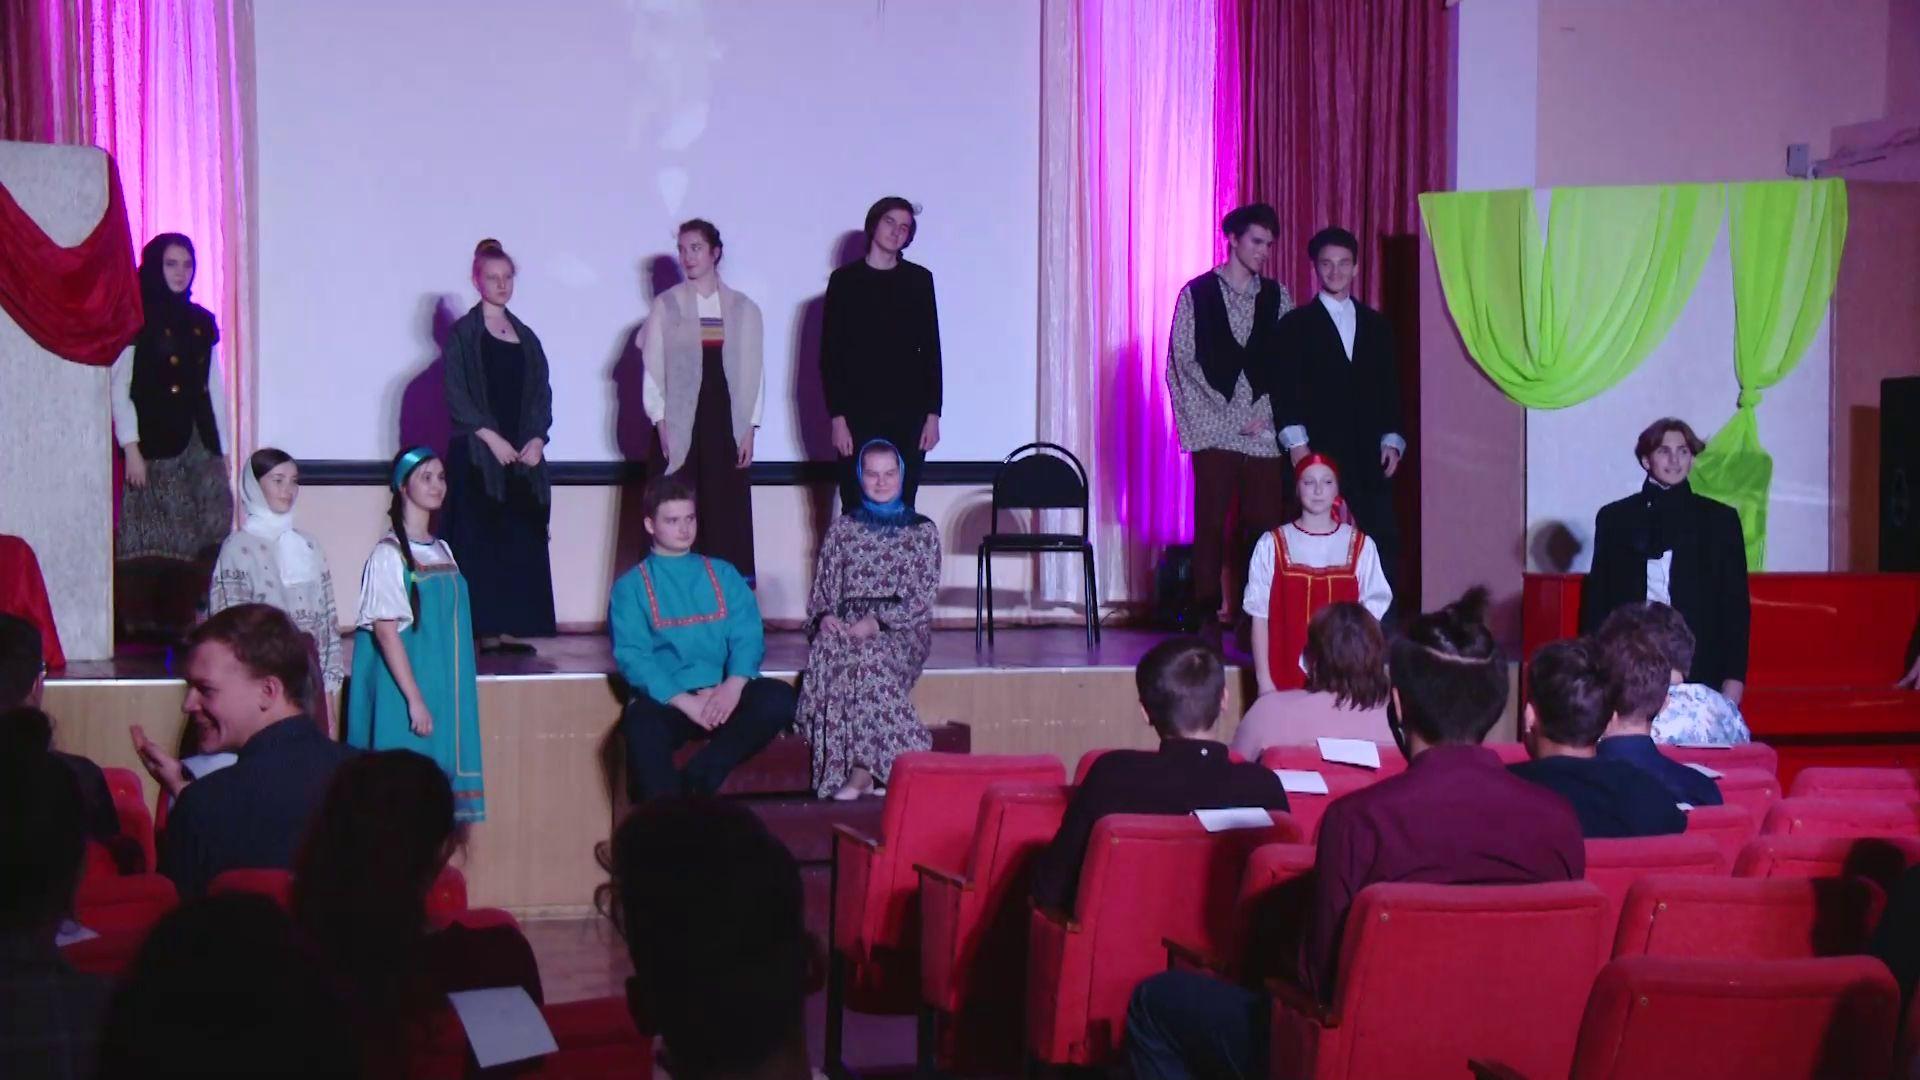 Ярославские школьники погрузились в творчество Некрасова на сцене